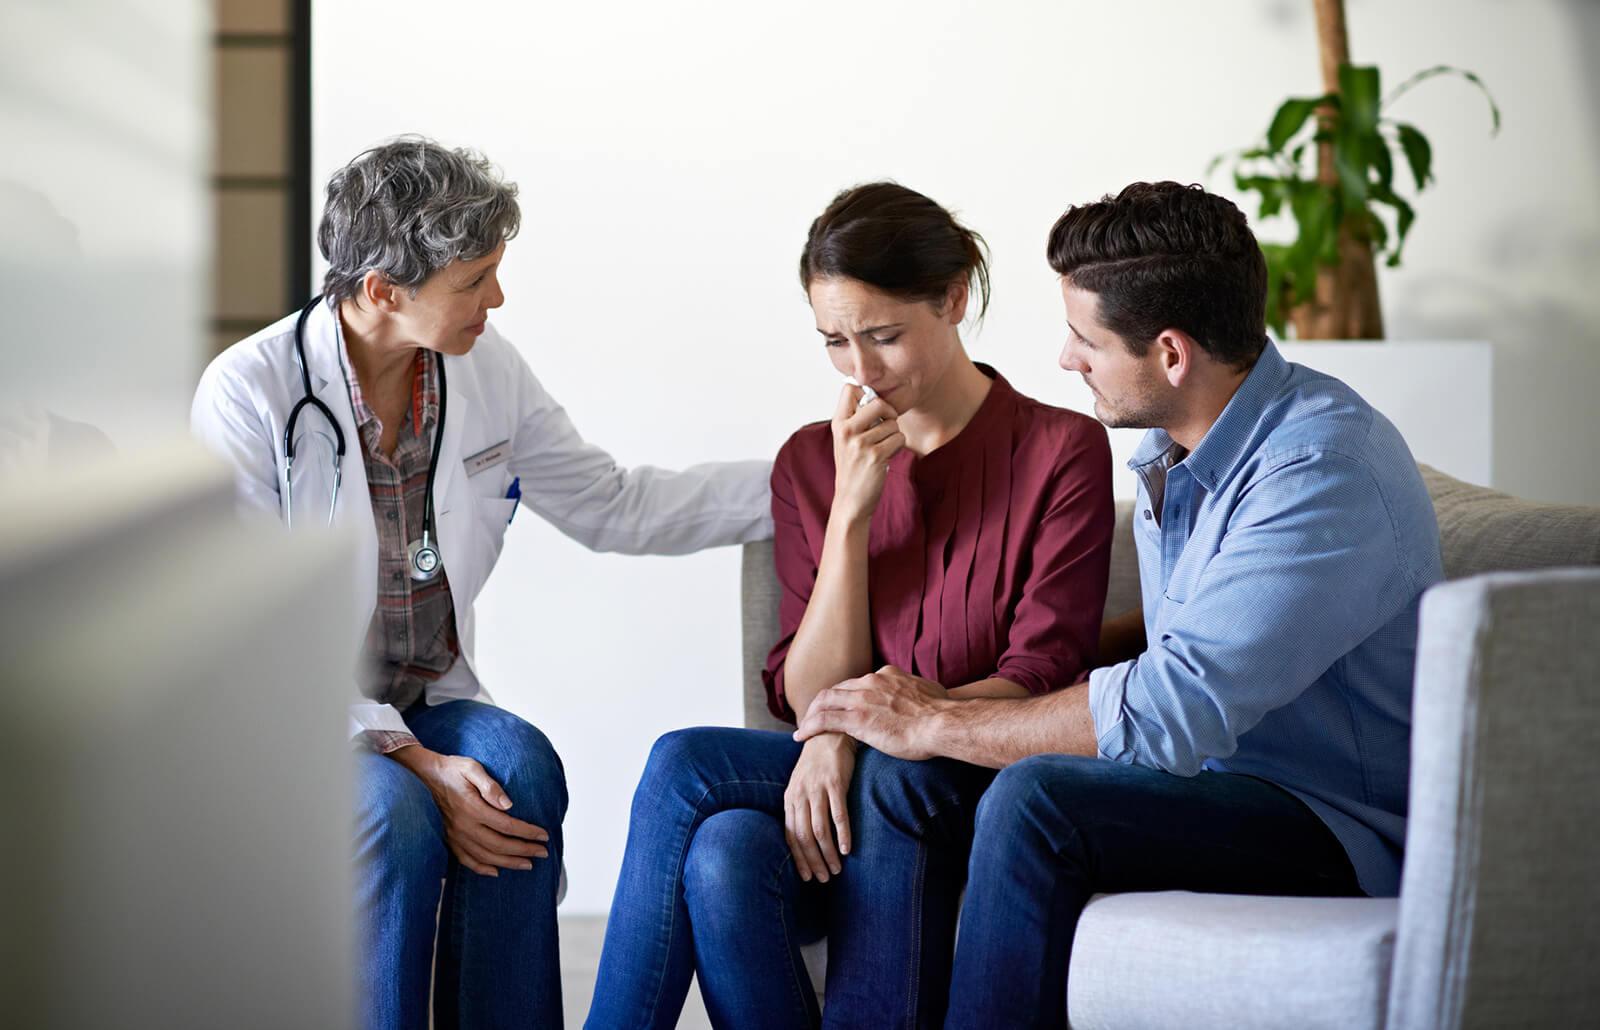 tratamiento-luego-aborto-espontaneo.jpg